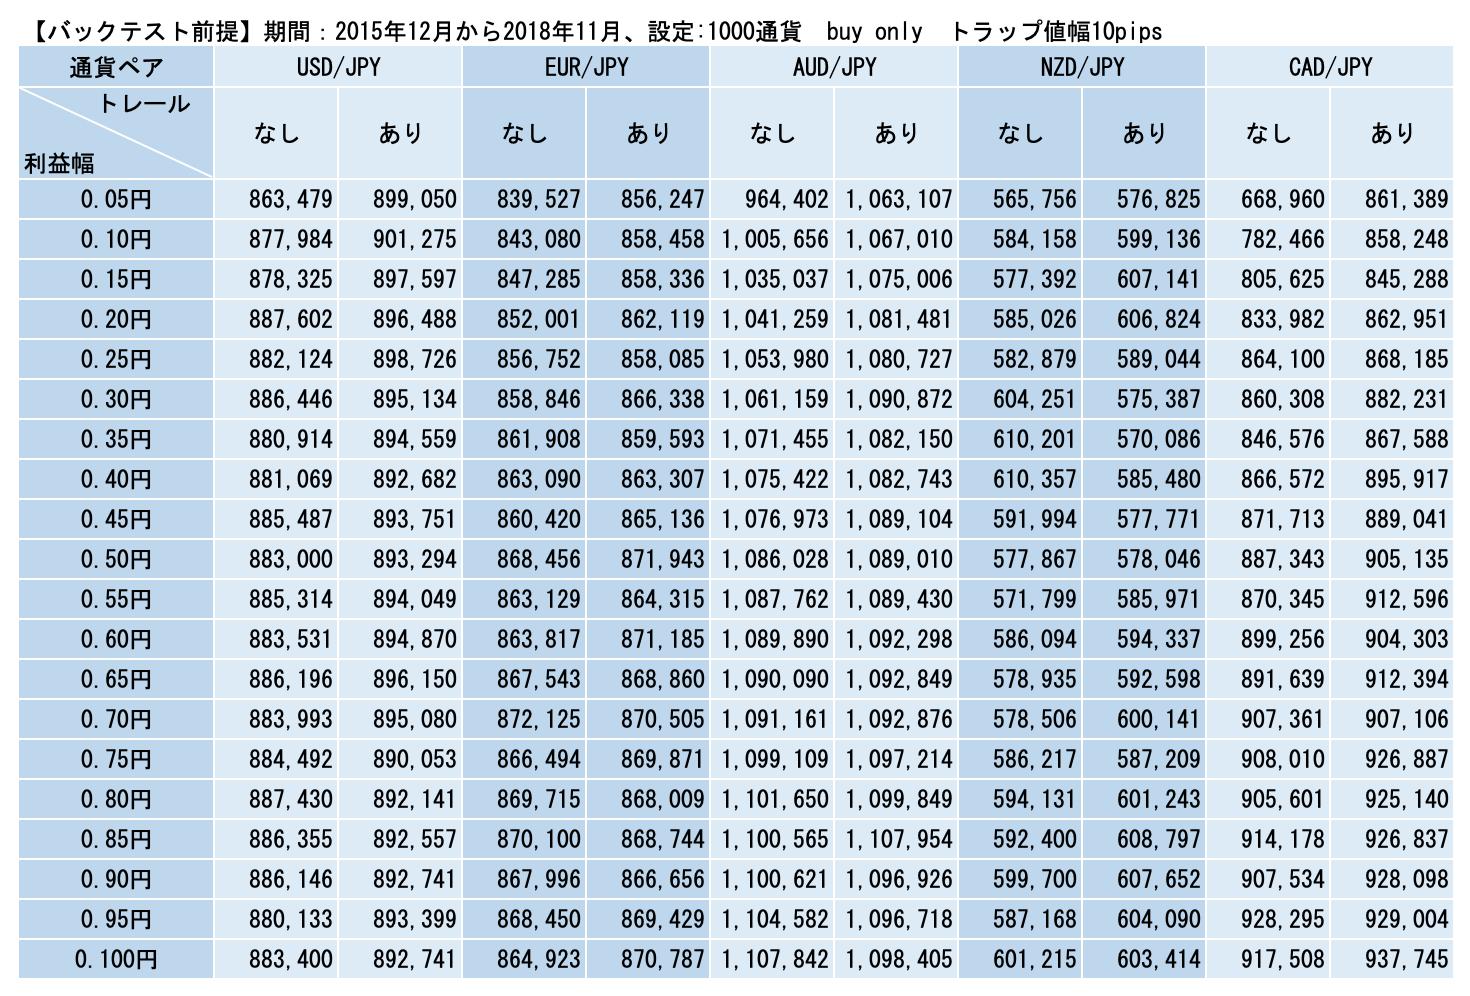 ドローダウン(対円)